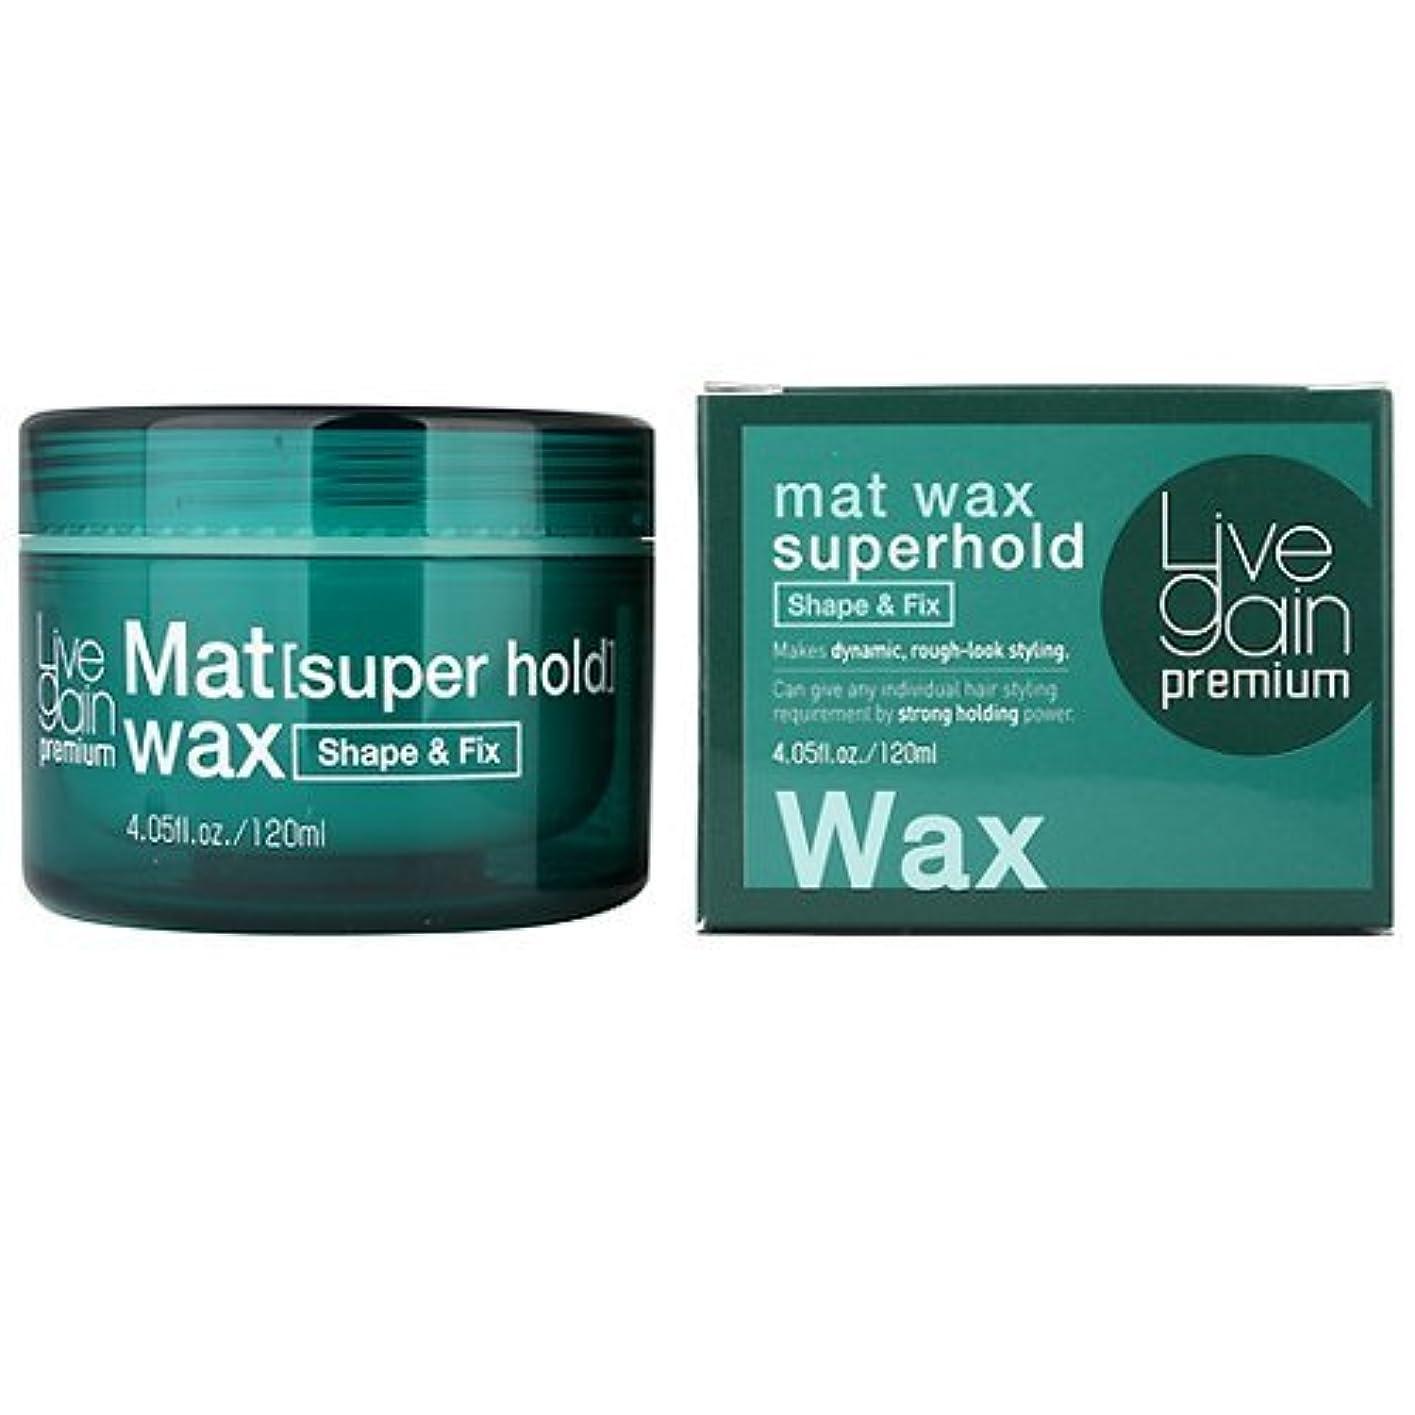 アコーふざけた右Livegain プレミアム マット ワックス スーパーホールド 120ml マット ヘア ワックス ストロング ホールド (Premium Mat Wax Superhold 120ml Matte Hair wax...